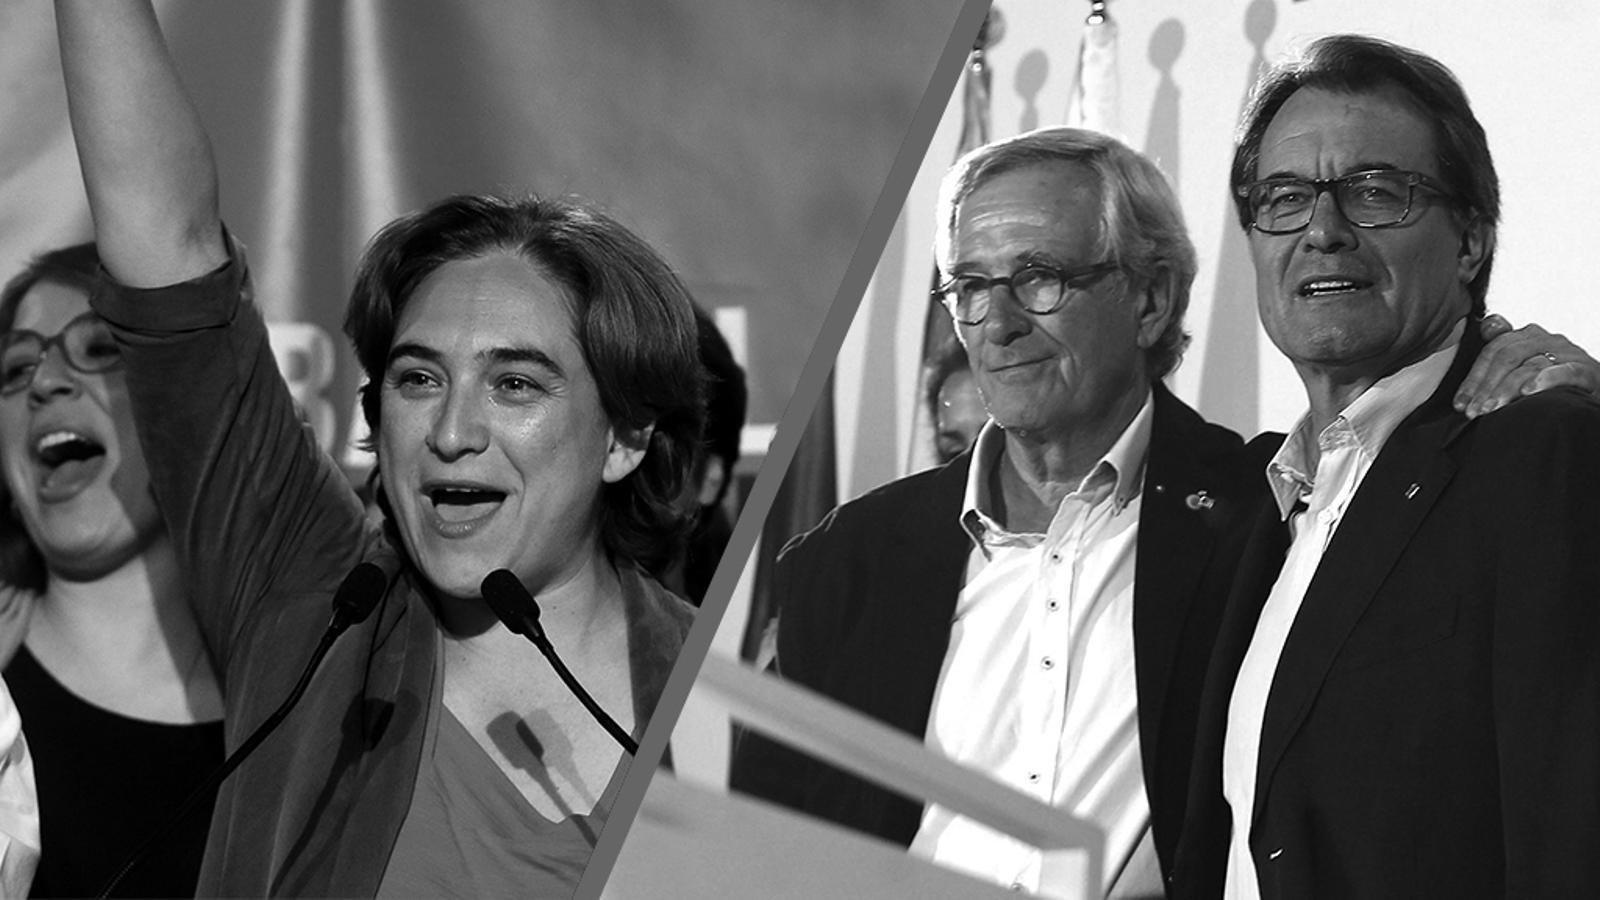 L'editorial d'Antoni Bassas: Trias sap que Colau serà alcaldessa, però li recorda que ha de pactar (28/05/2015)